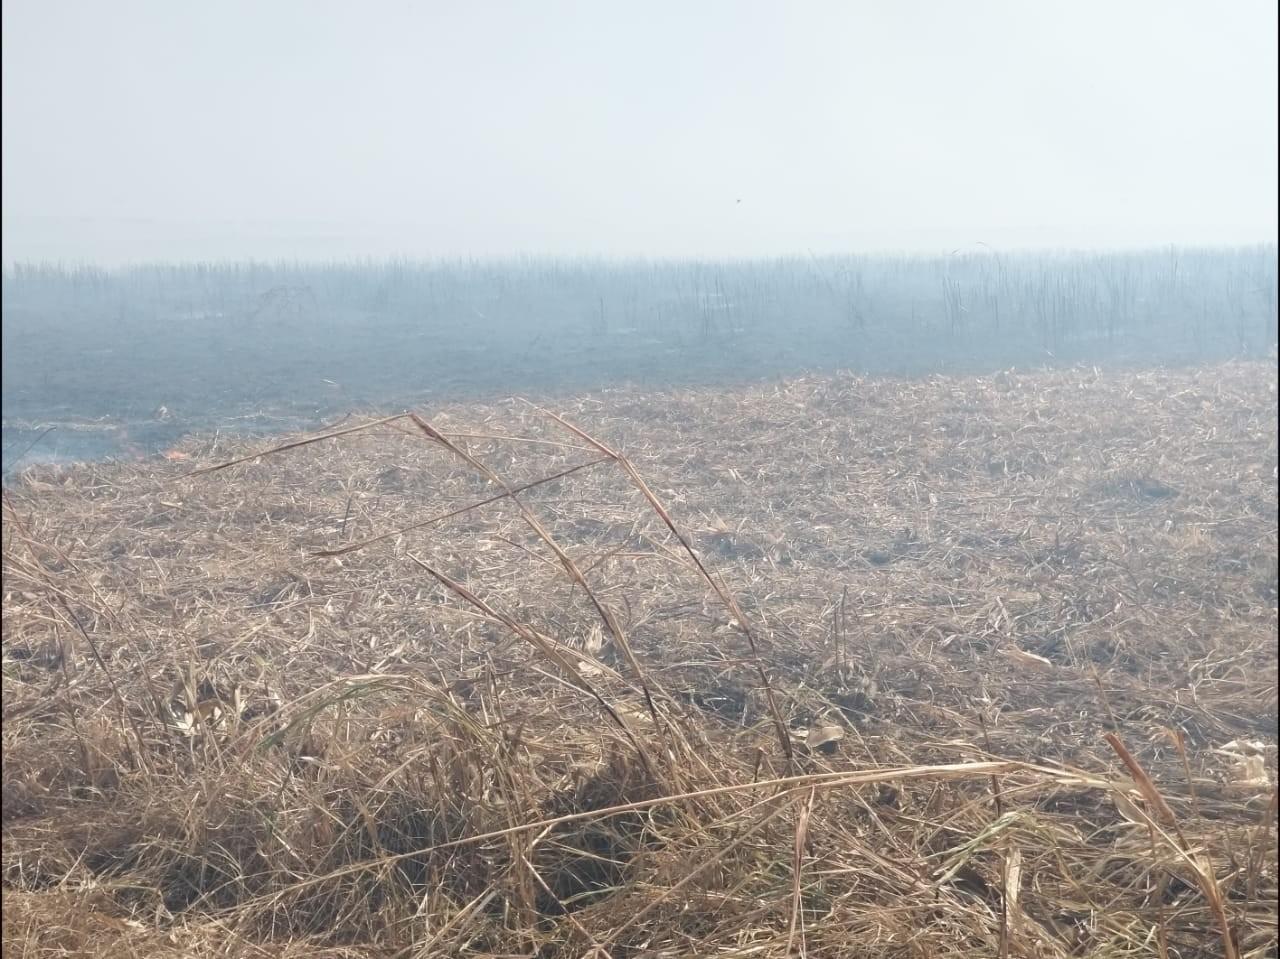 Risco de incêndios durante a colheita devido à estiagem coloca produtores em alerta em MT